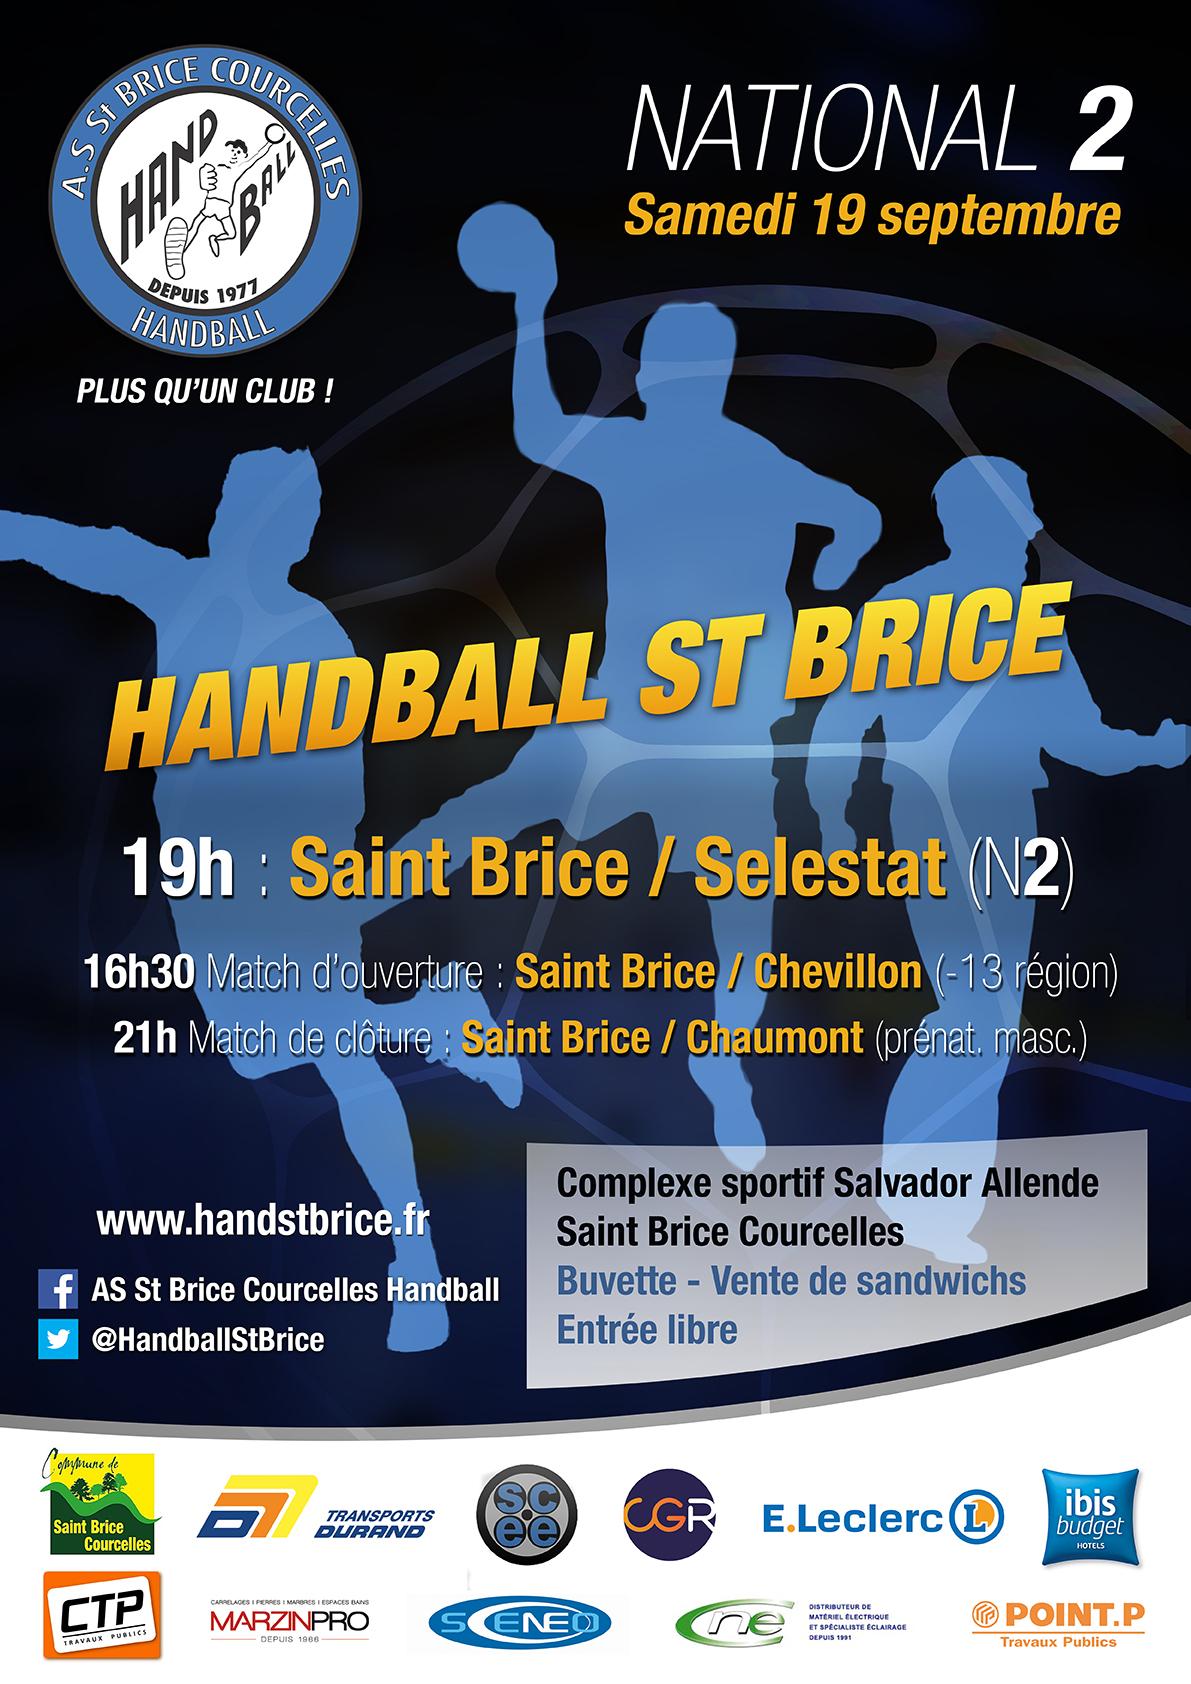 Affiche de compétition de Handball N2